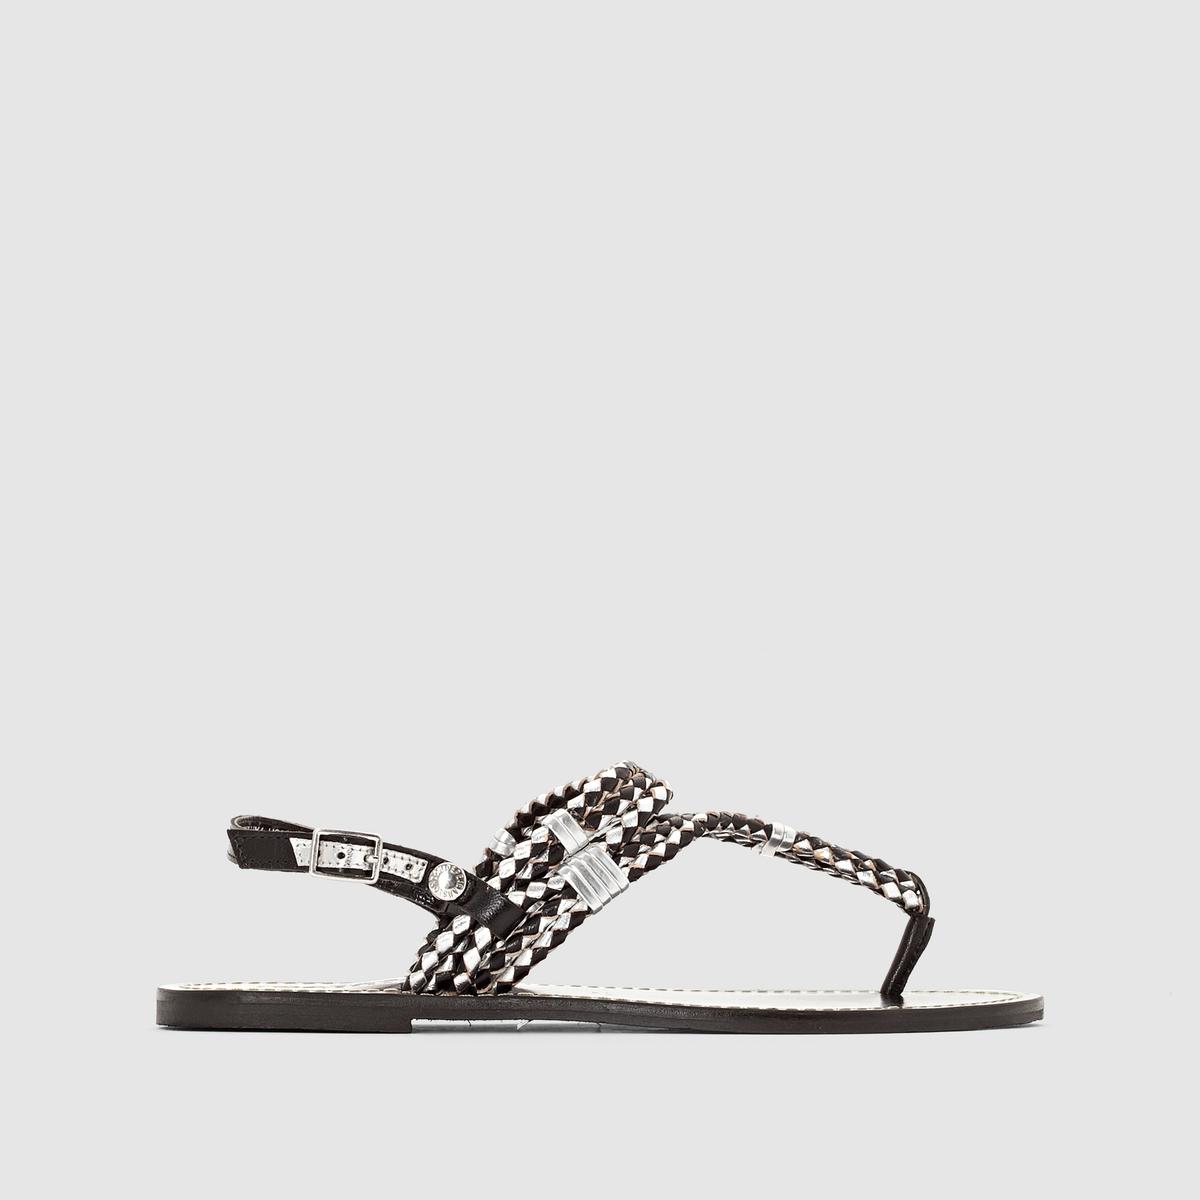 Сандалии из кожи PEPE JEANS JANE WOVEN METALLICУдачное сочетание ремешков и металлических вставок, сверхэлегантный  дизайн : даже простые сандалии Pepe Jeans превращает в модную обувь в стиле рок !<br><br>Цвет: черный<br>Размер: 38.36